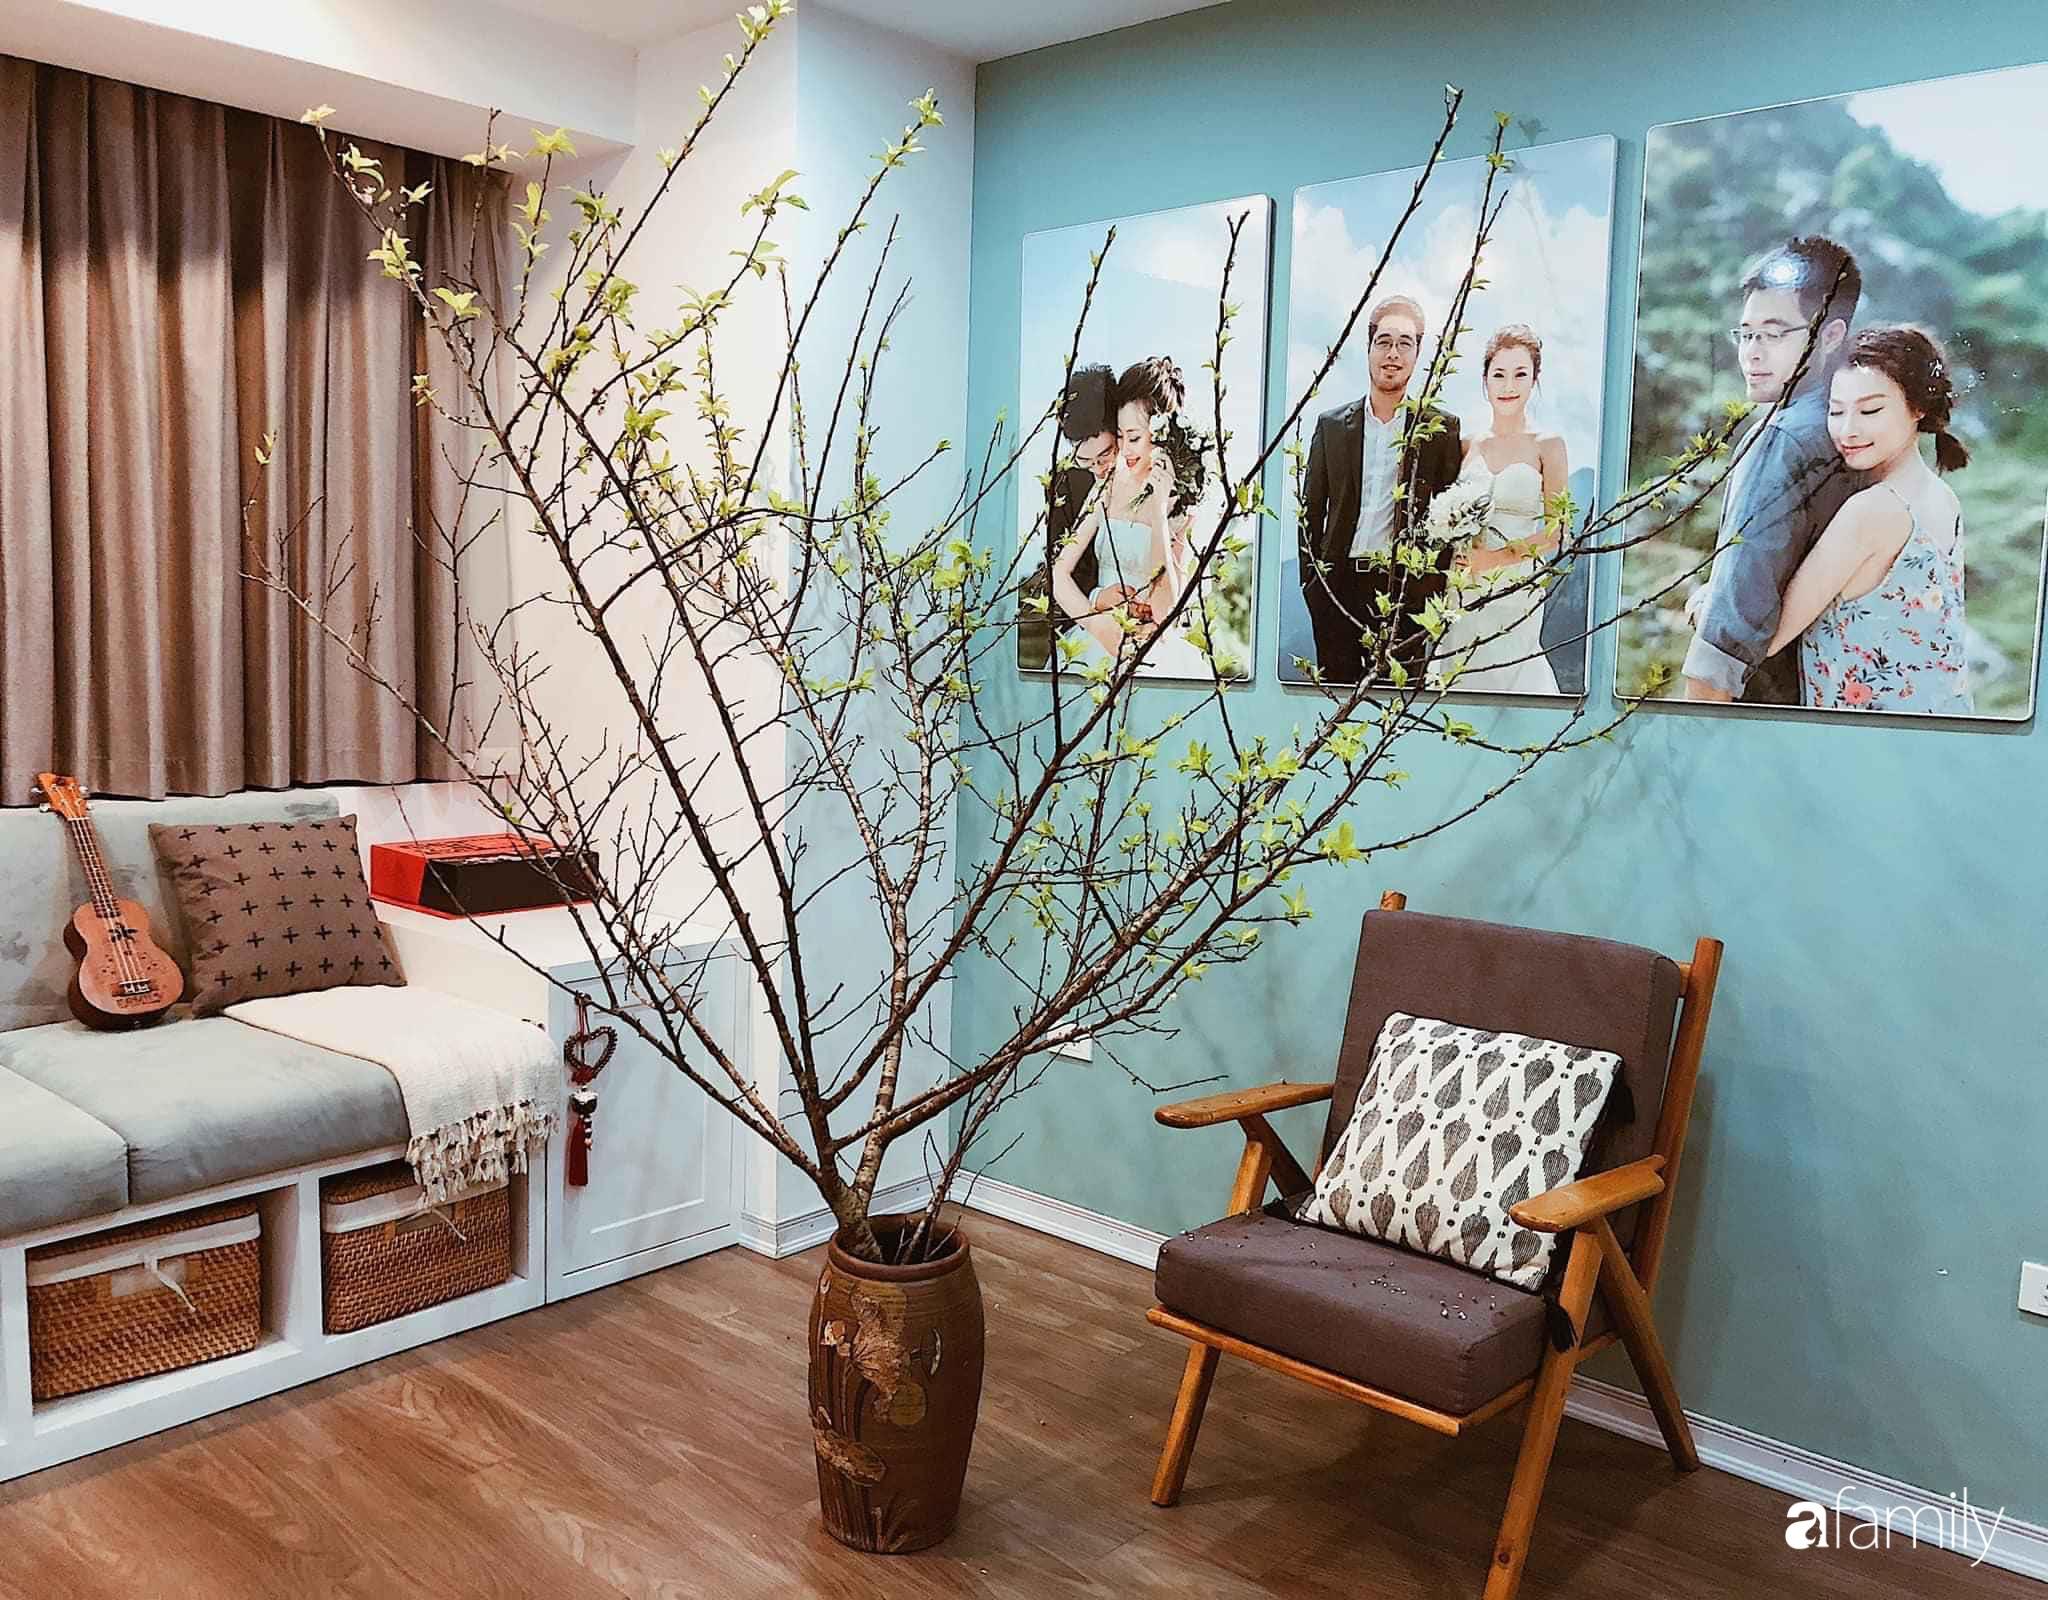 Căn hộ 145m² được décor ấn tượng với điểm nhấn màu xanh ngọc cùng tranh treo tường từ người phụ nữ yêu gia đình ở Hà Nội - Ảnh 10.